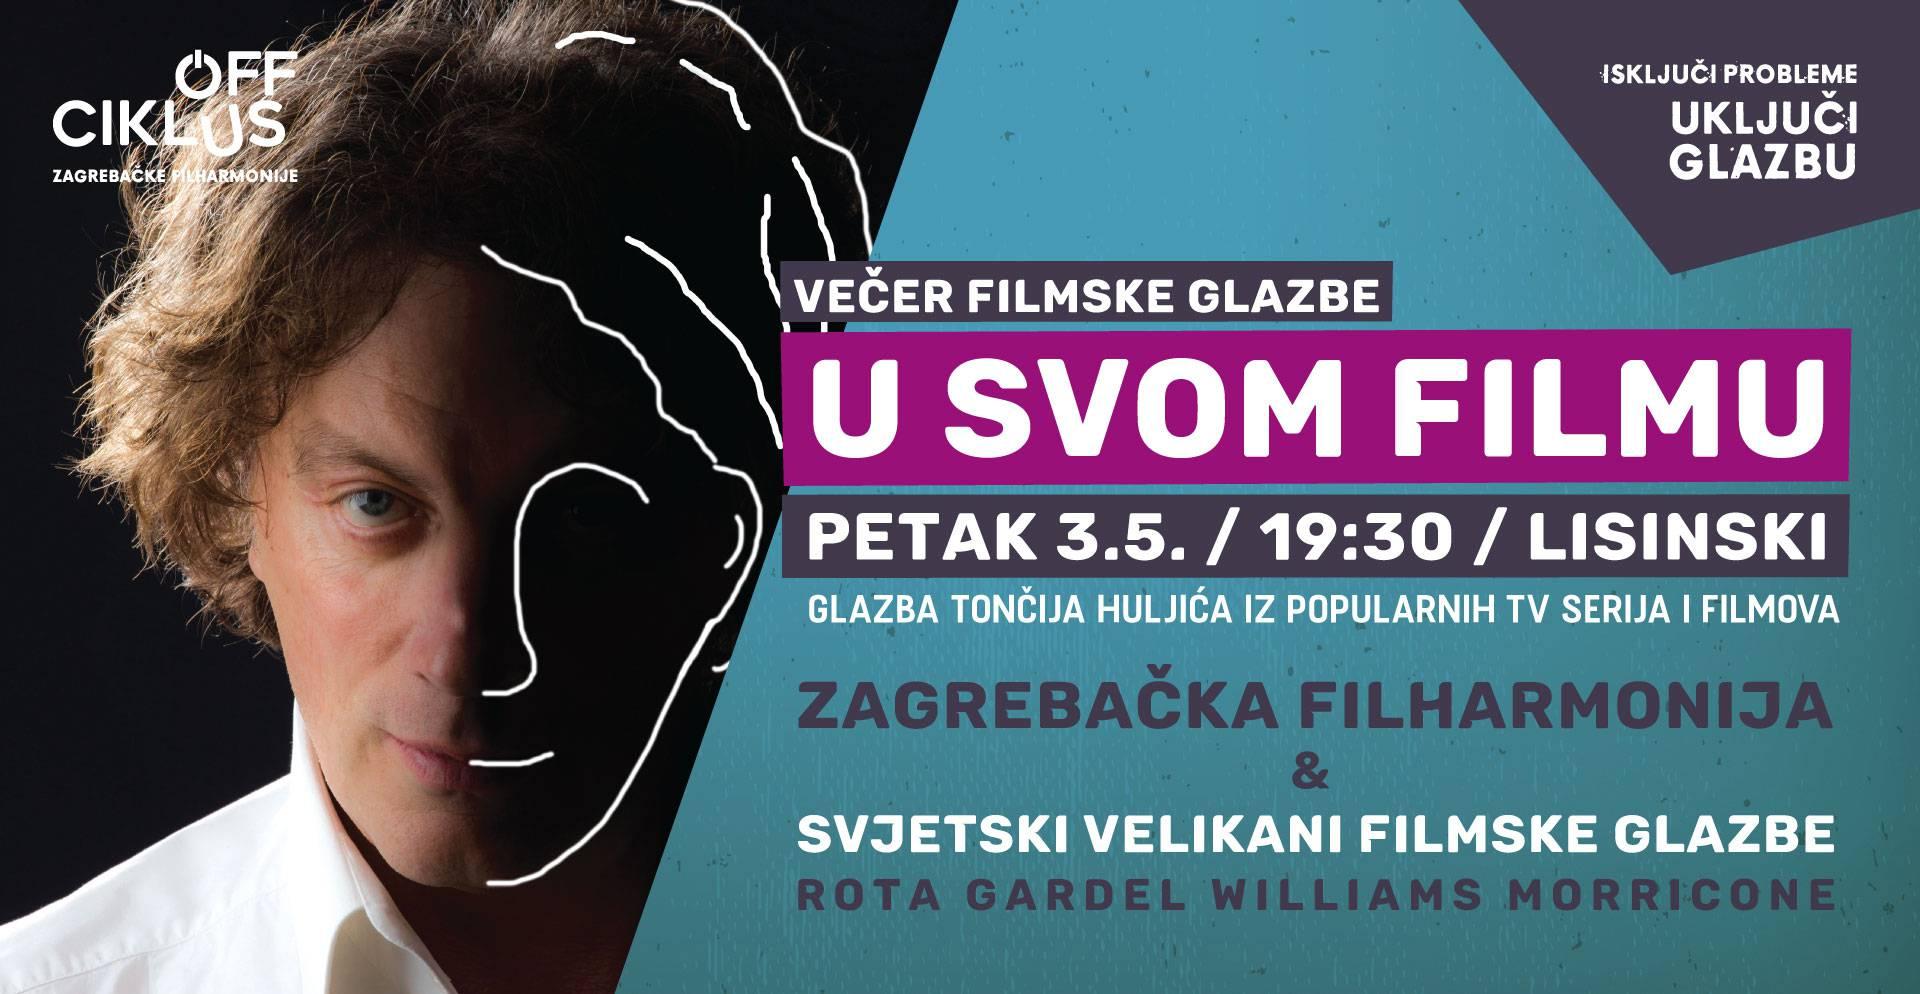 U svom filmu: Večer filmske glazbe u dvorani Lisinski